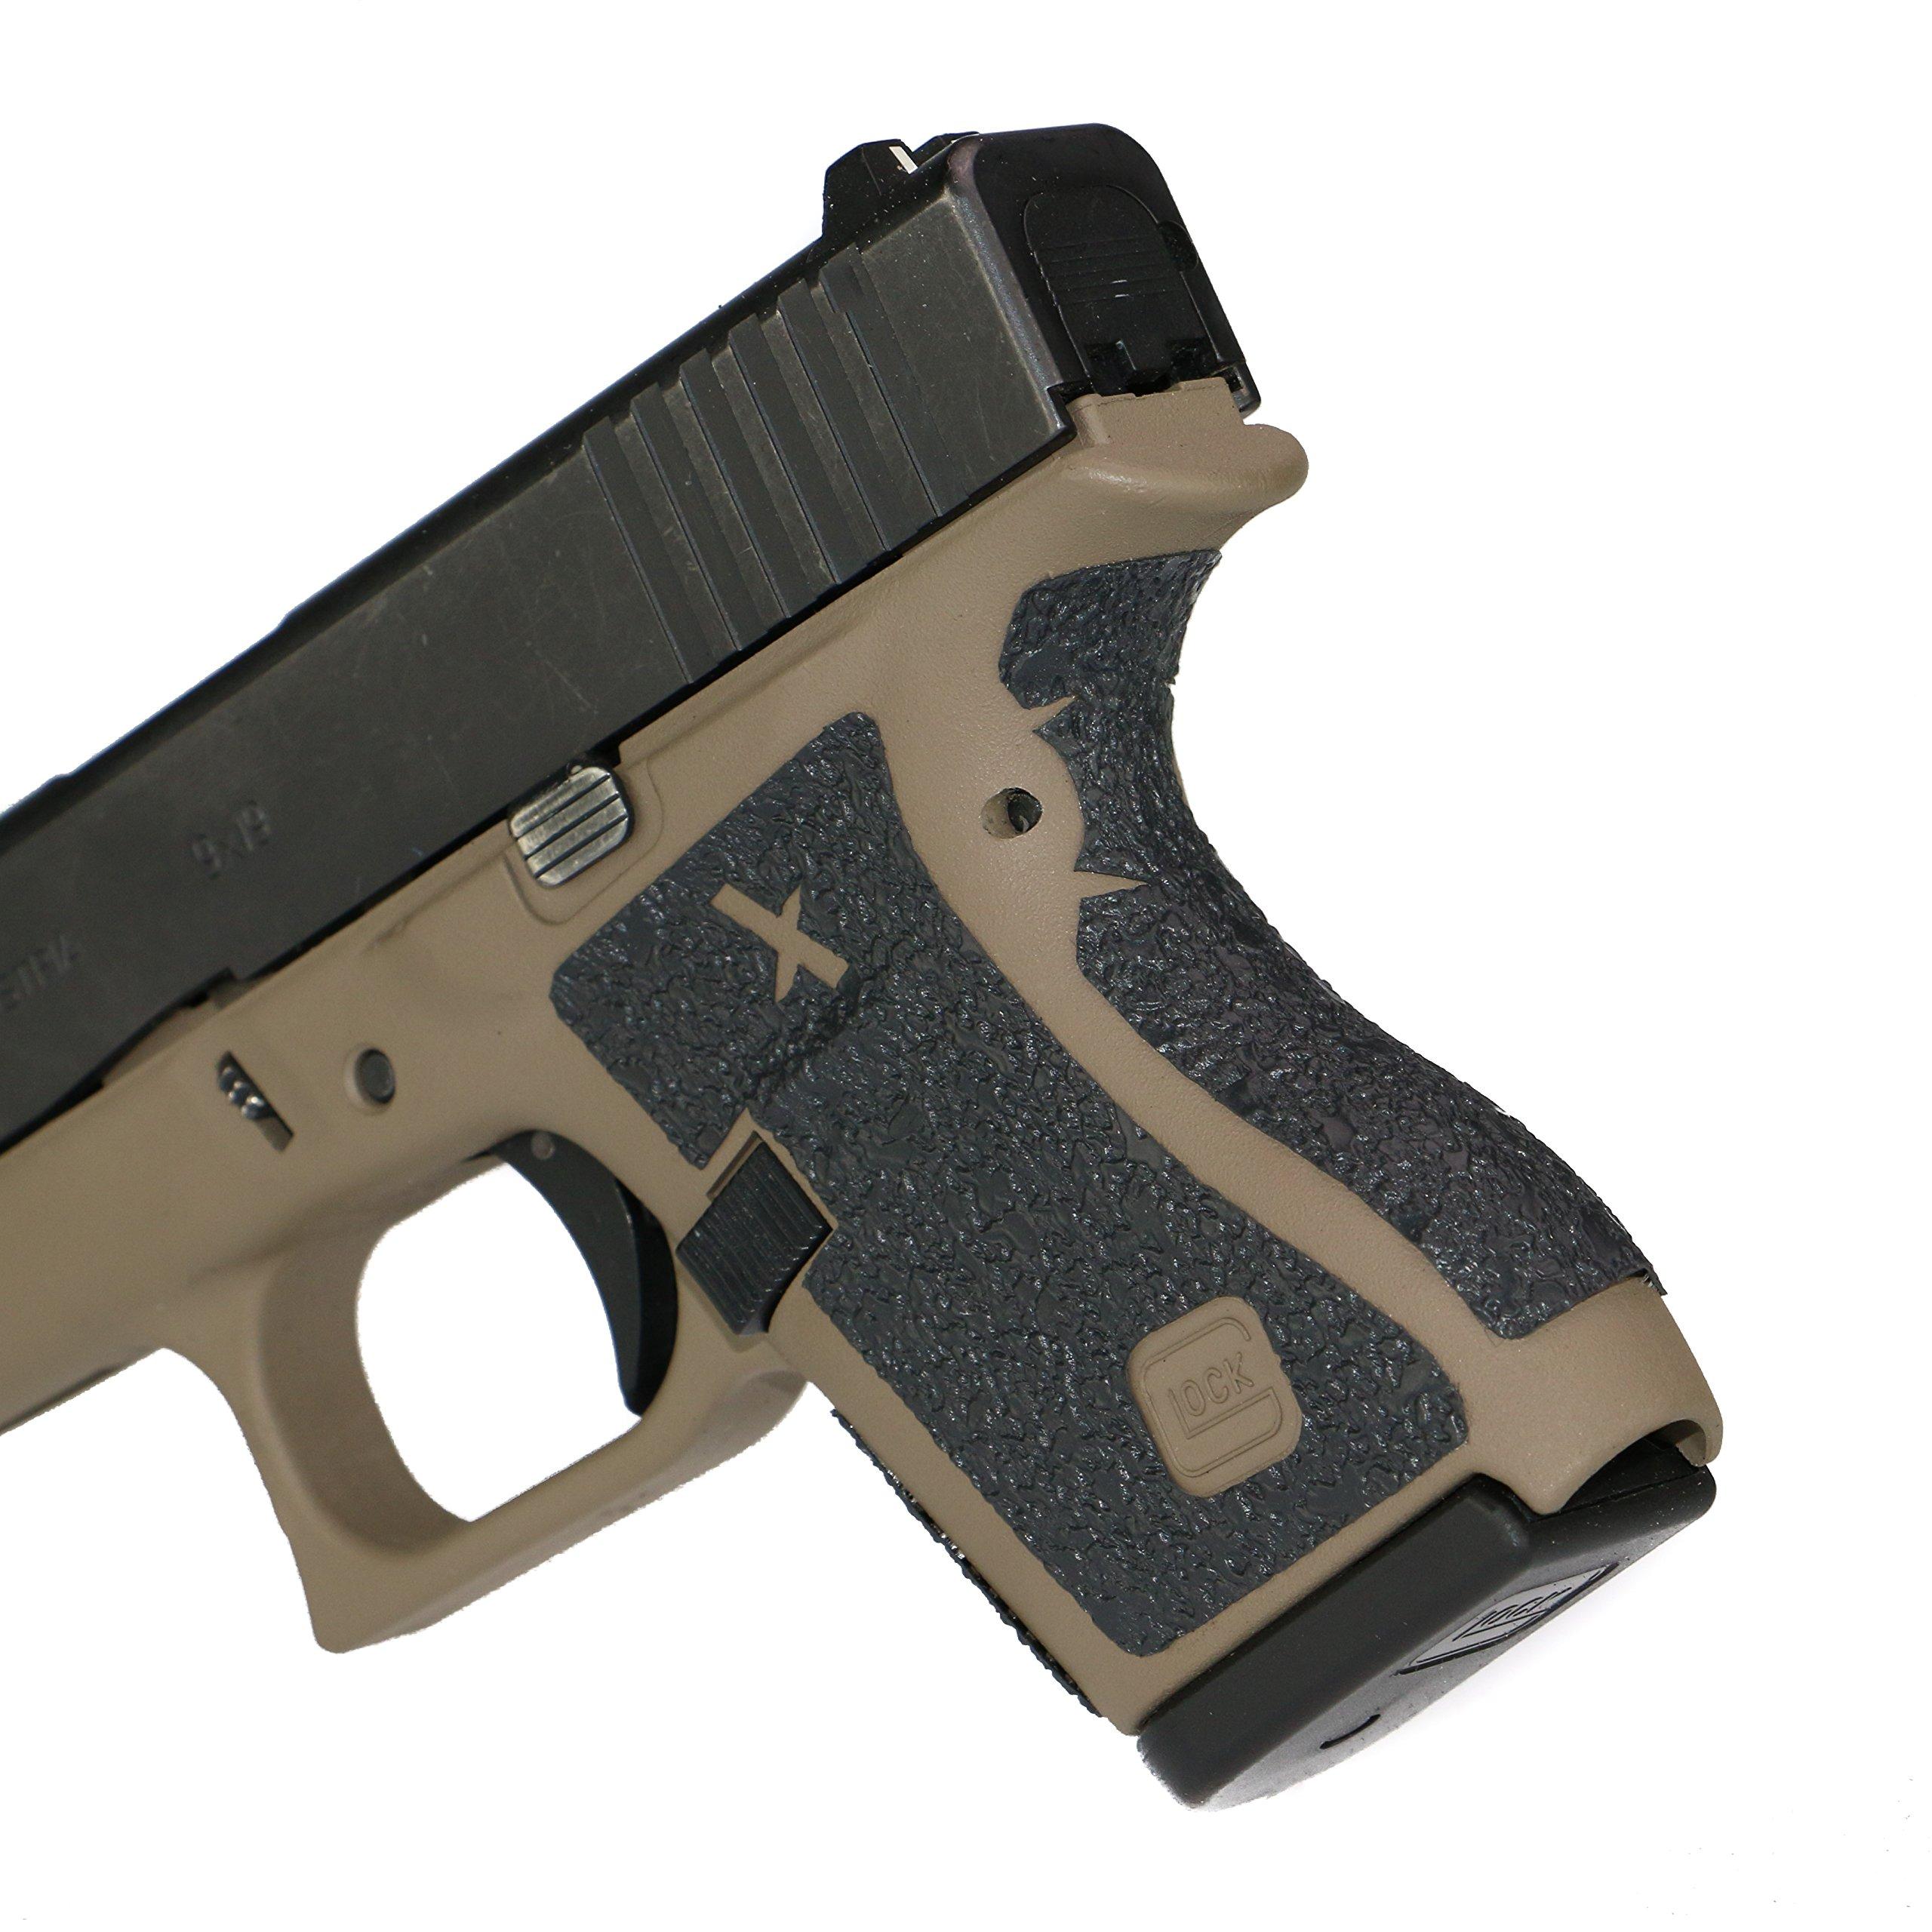 Foxx Grips -Gun Grips Glock 43 (Grip Enhancement)